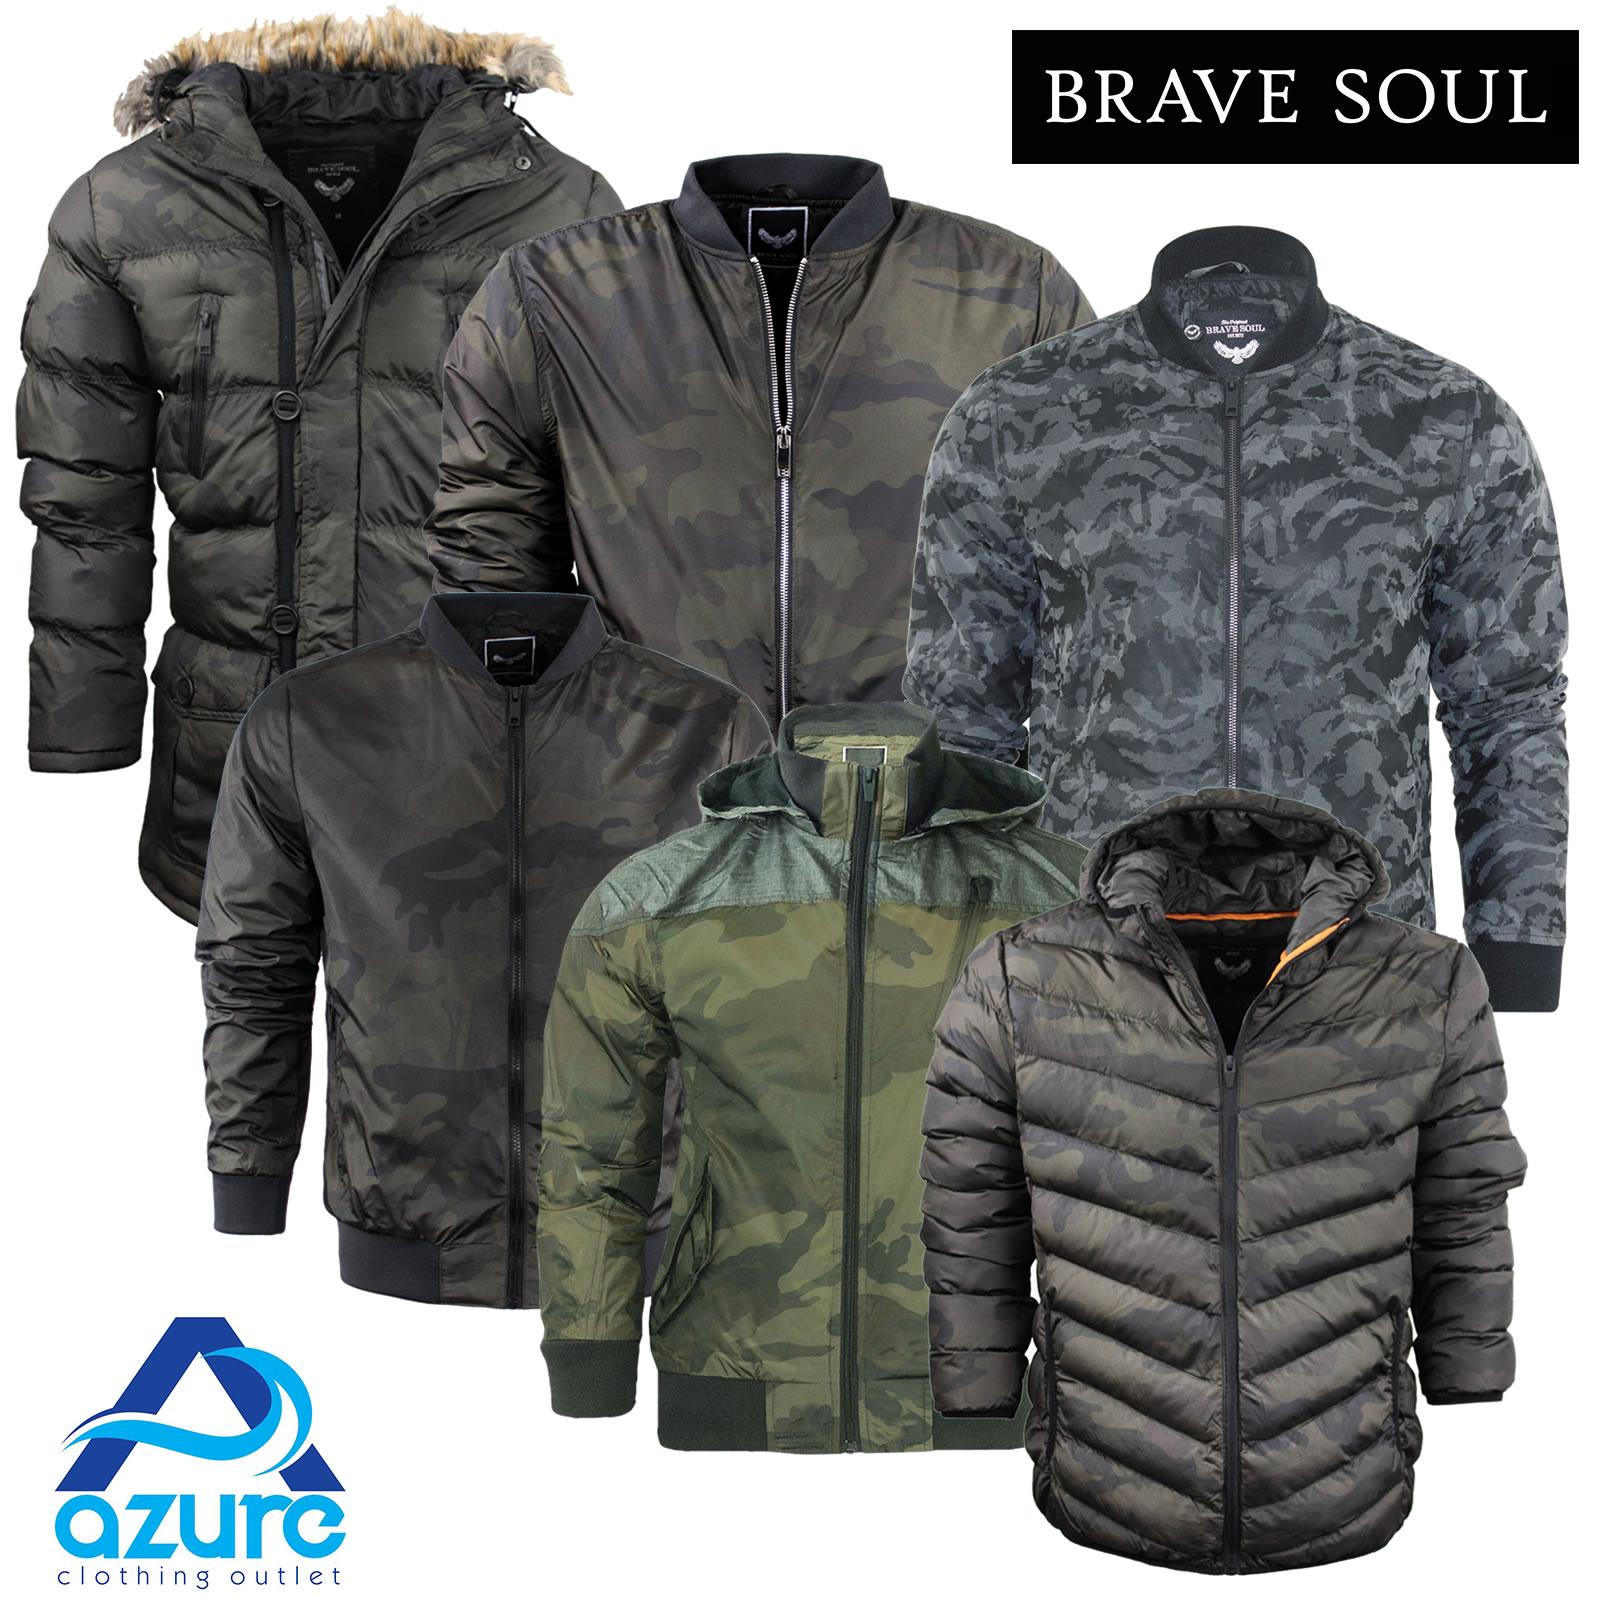 mens brave soul camo jacket coat hooded khaki puffer parka. Black Bedroom Furniture Sets. Home Design Ideas